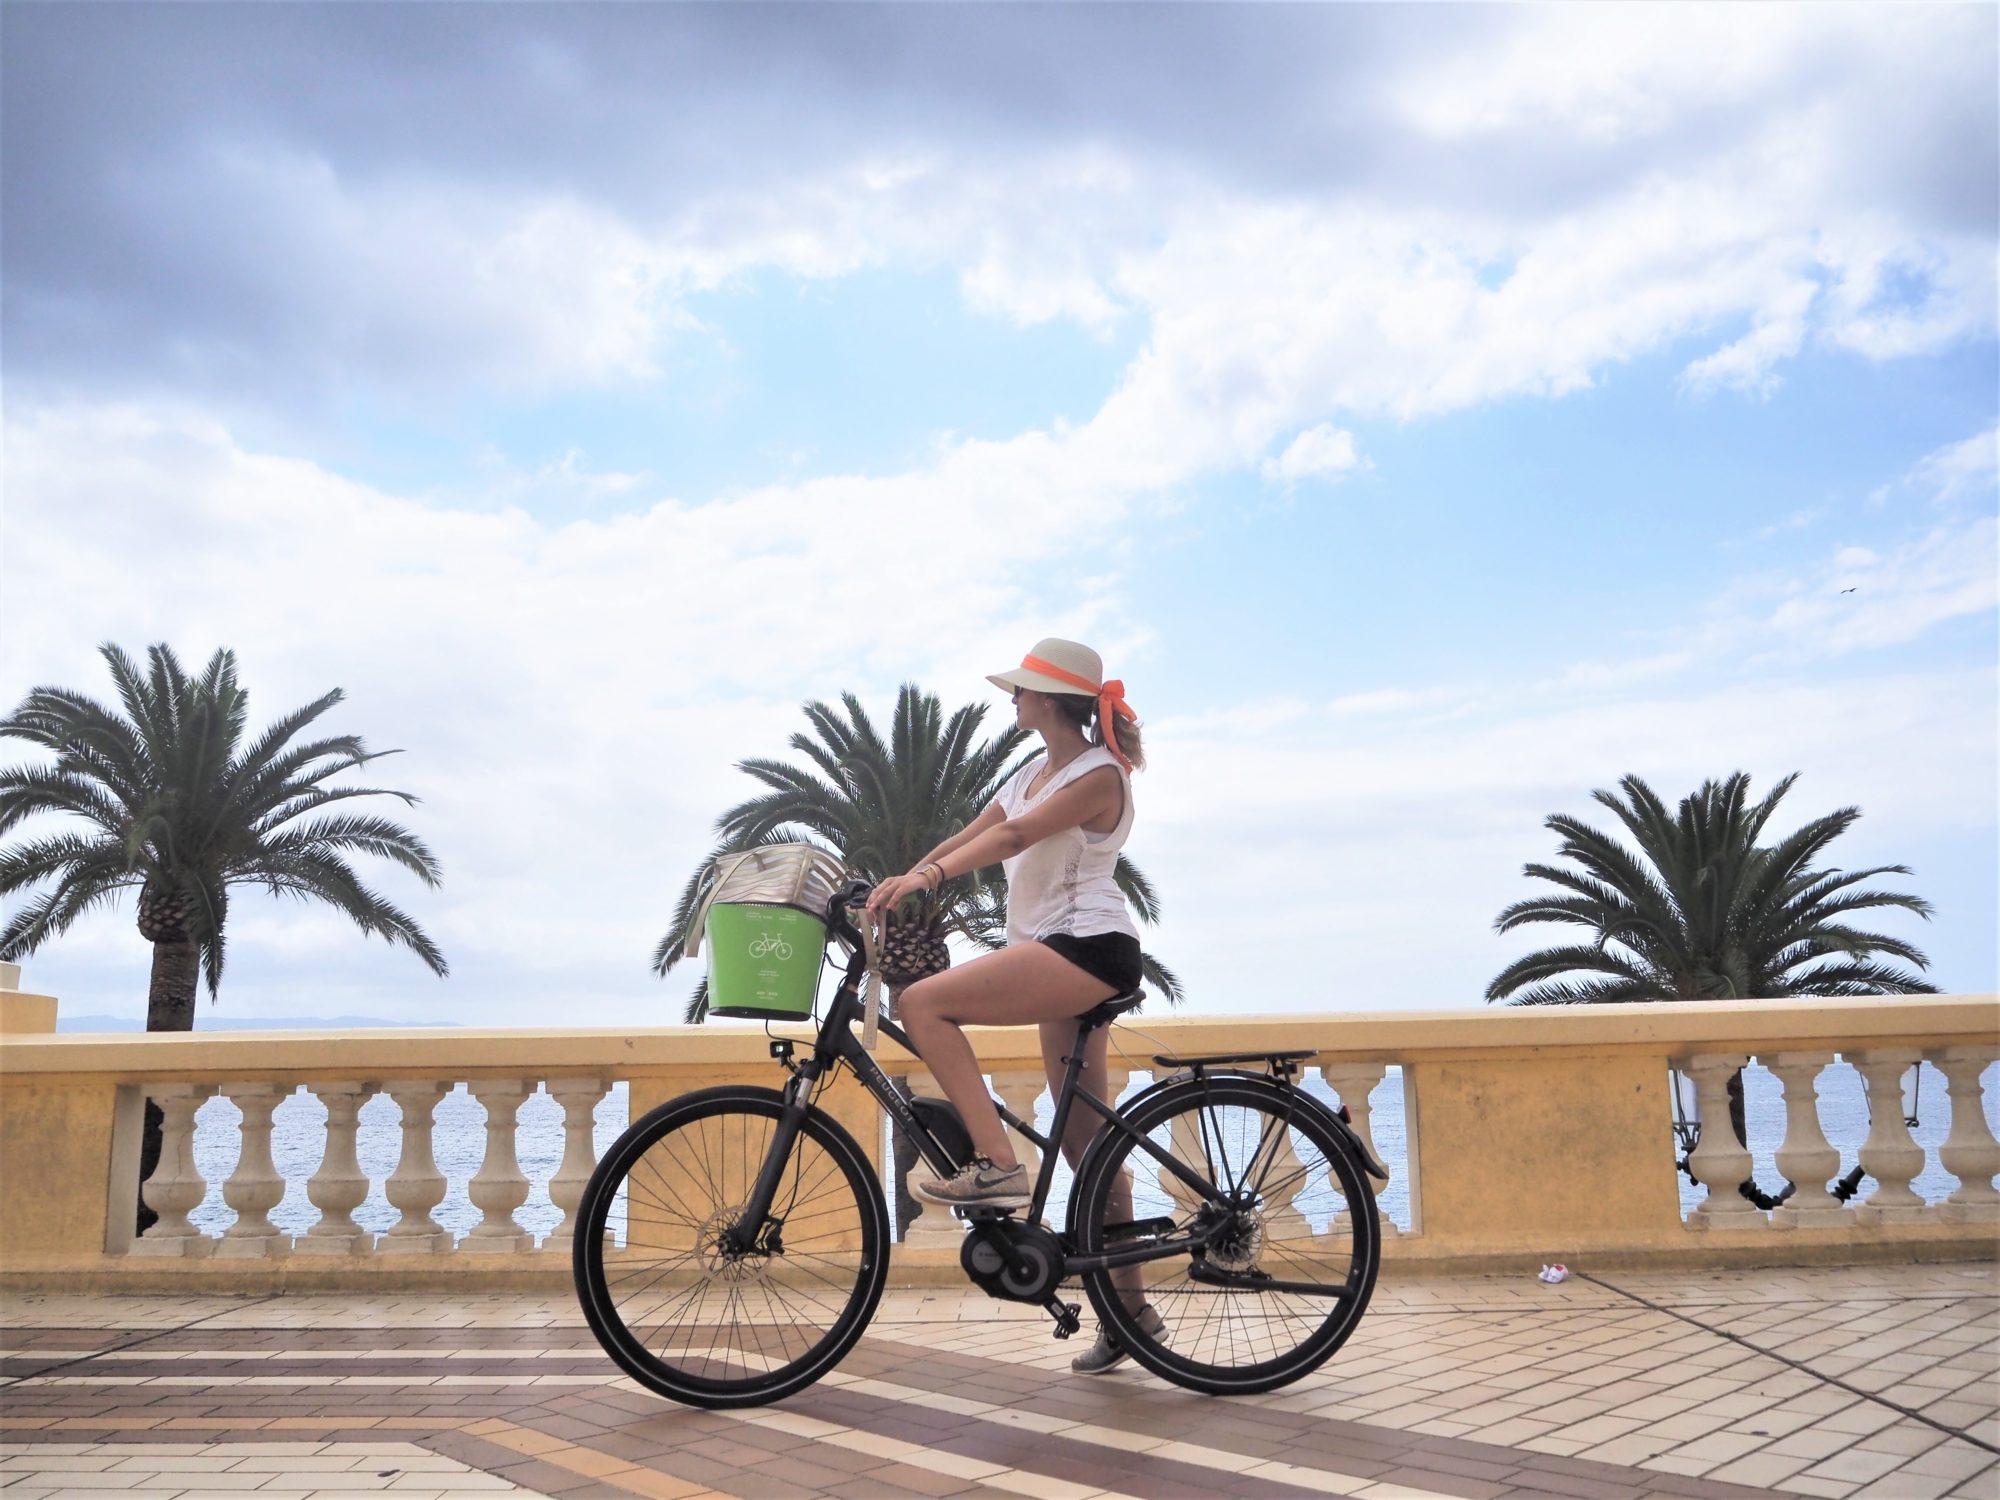 Vélo électrique AppeBike, Panier, Ajaccio Corse France. Place du Diamant